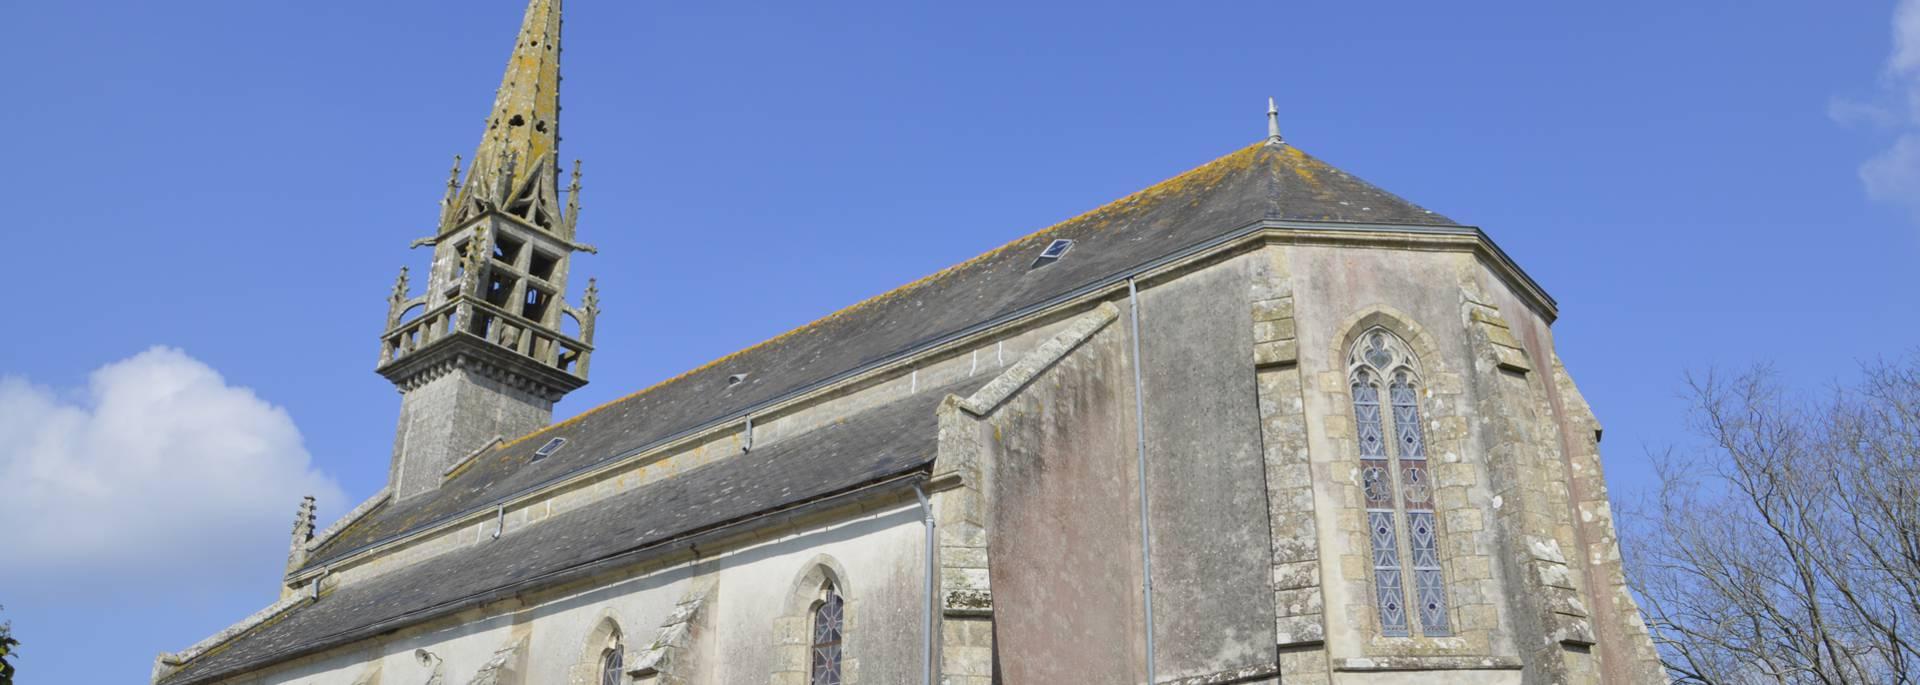 Eglise Saint Tudec en Finistère Sud © M Hamel